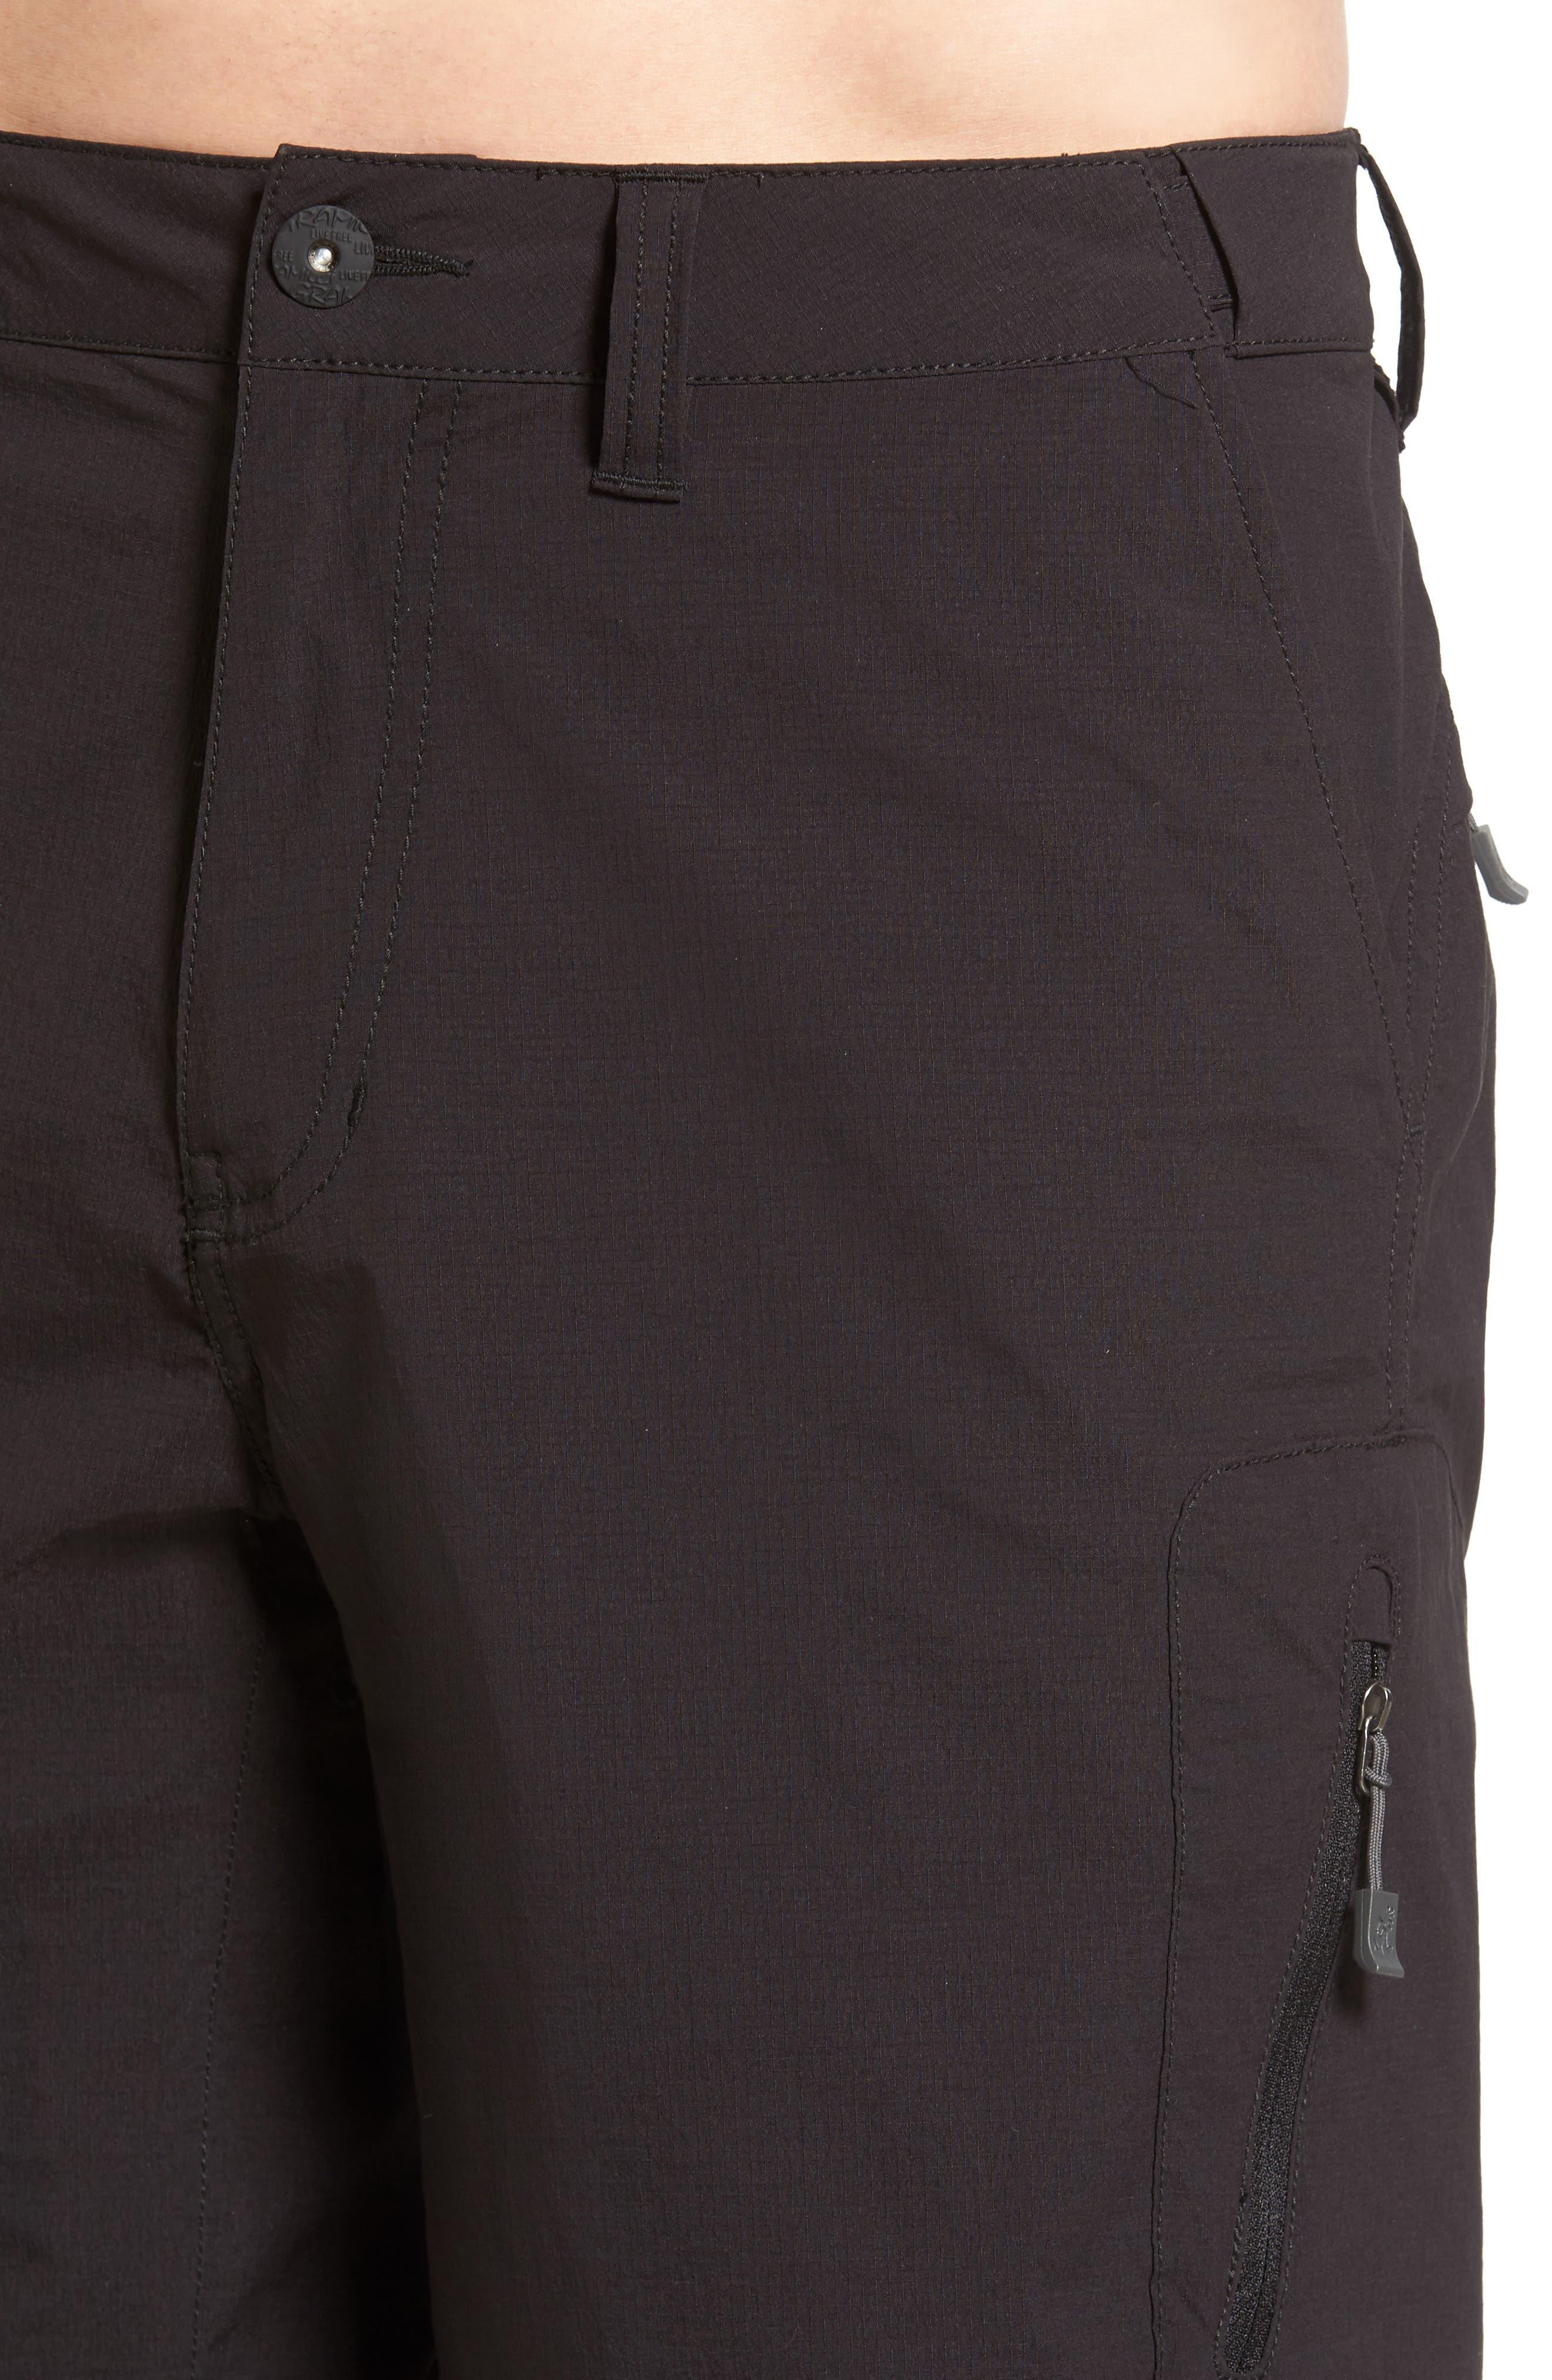 Rough & Tumble Hiking Shorts,                             Alternate thumbnail 4, color,                             002